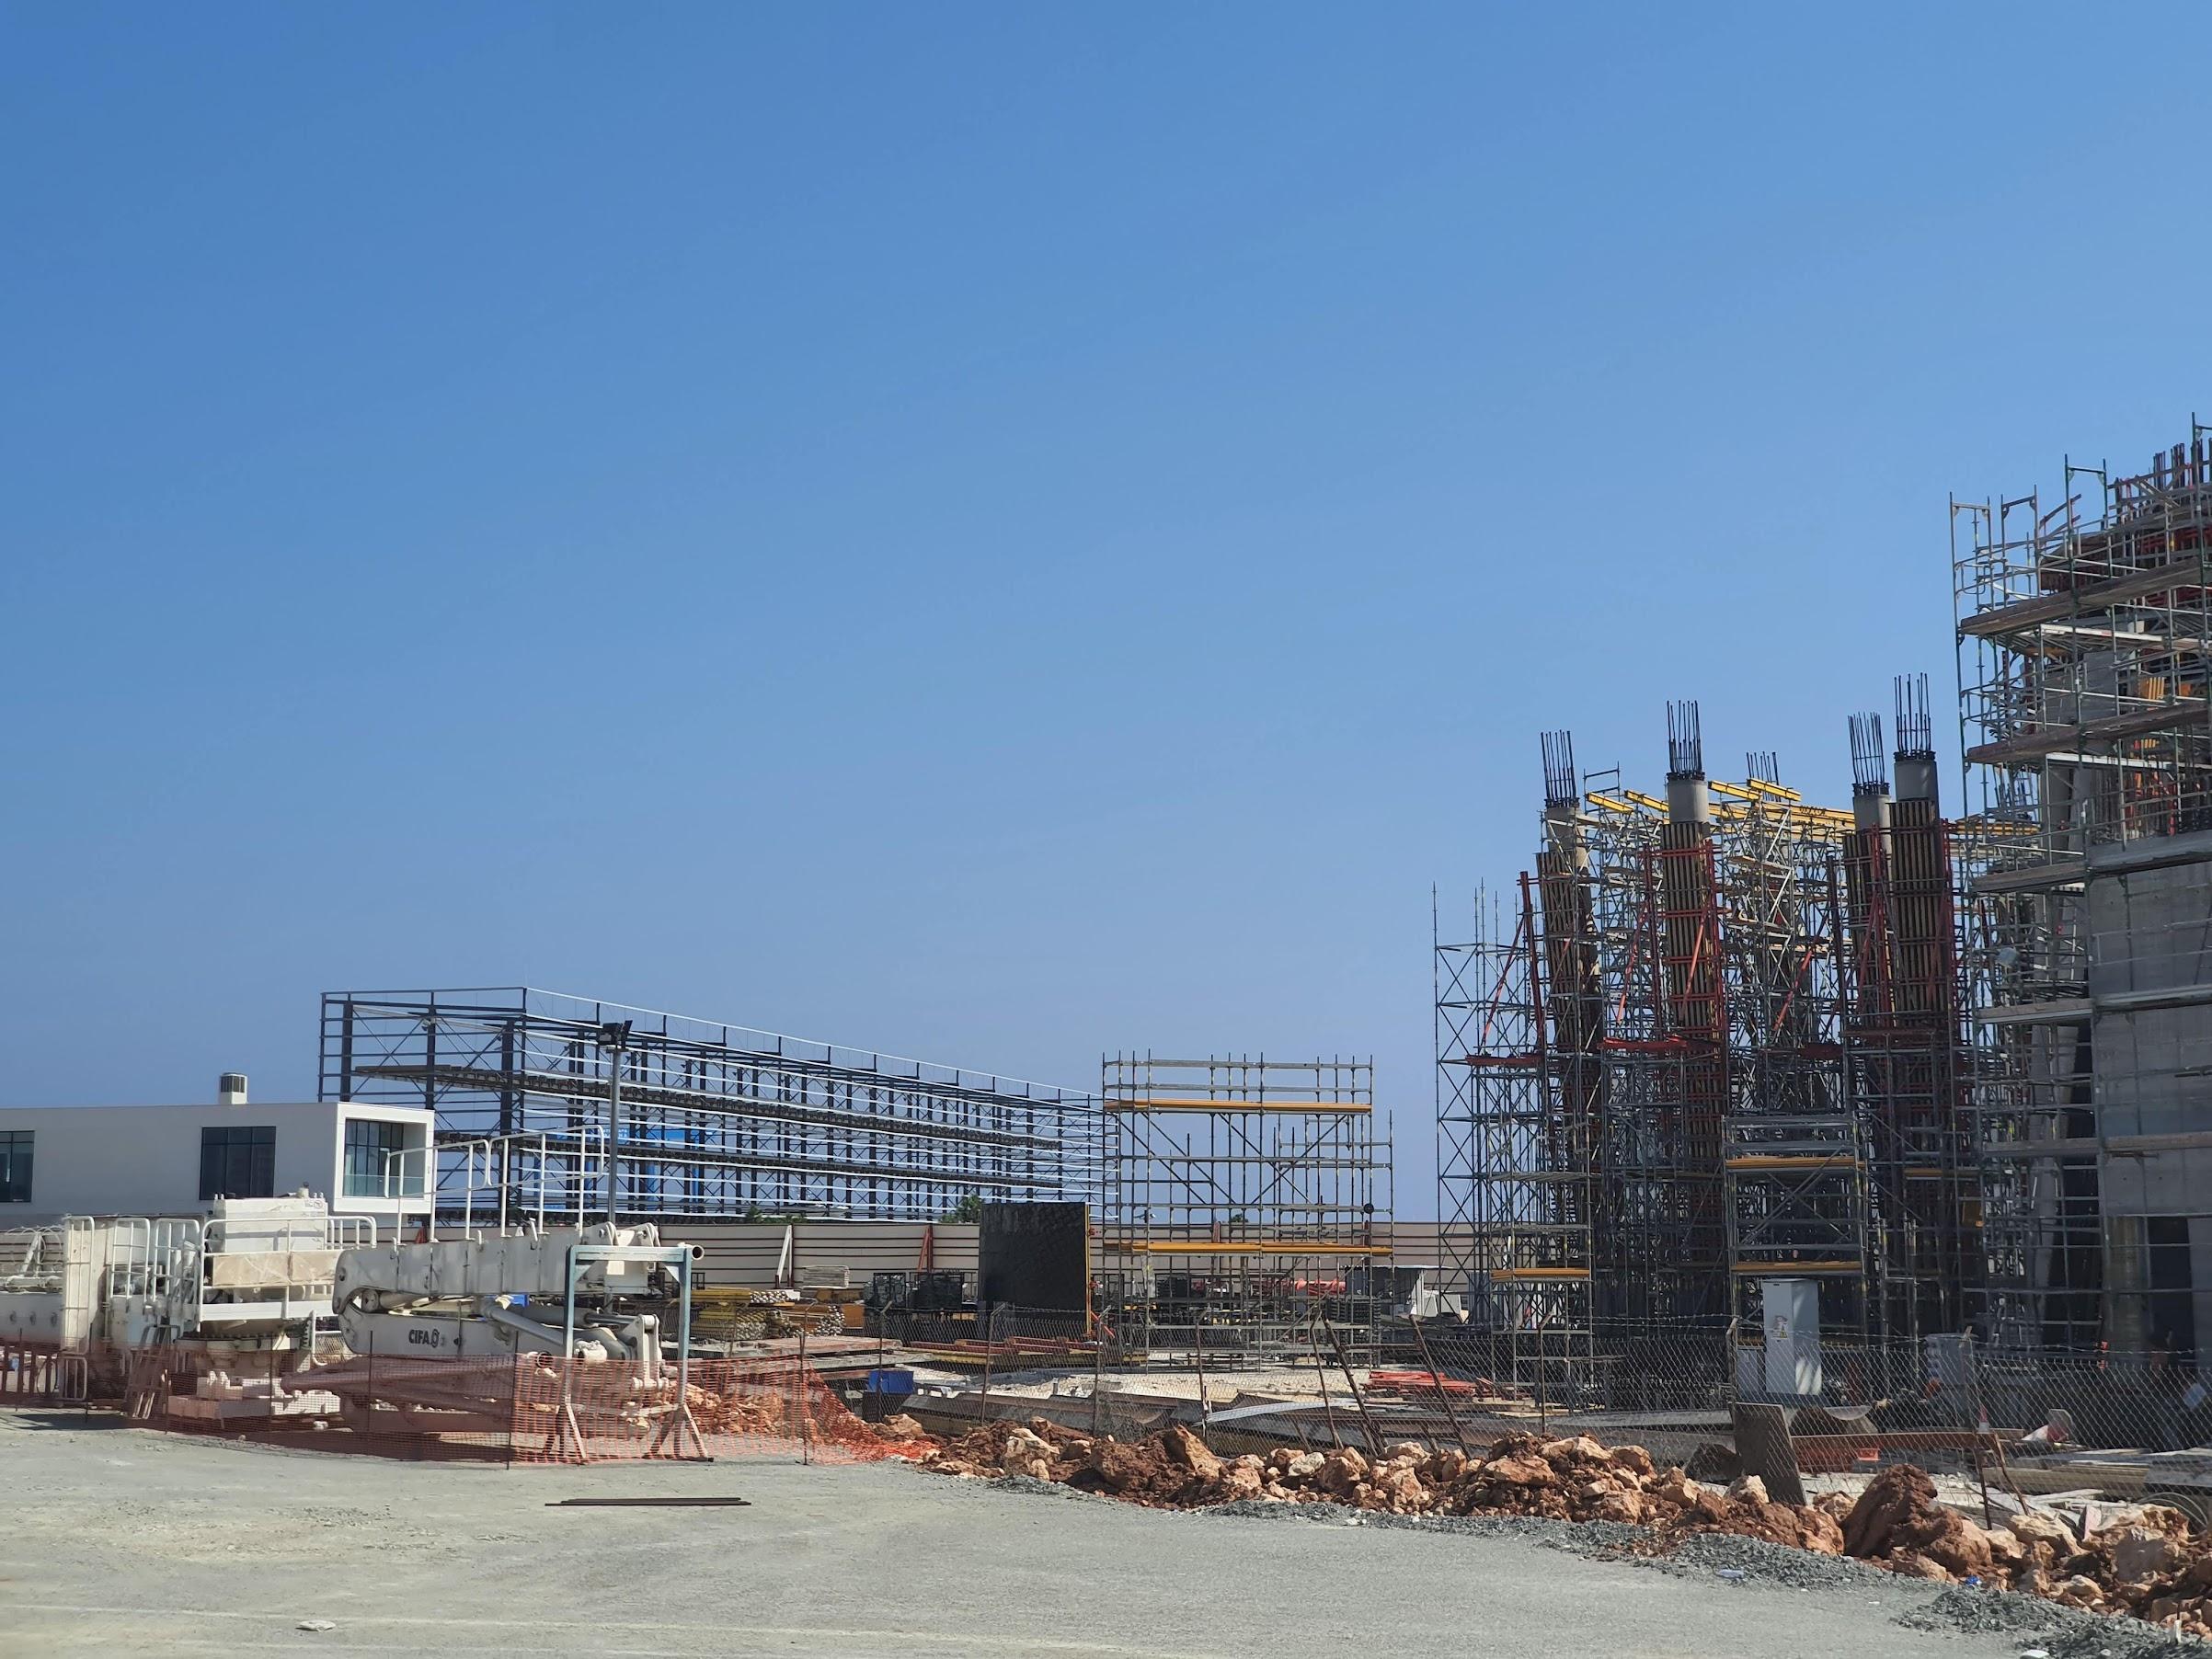 Участники рынка недвижимости Кипра обеспокоены повышением цен на стройматериалы